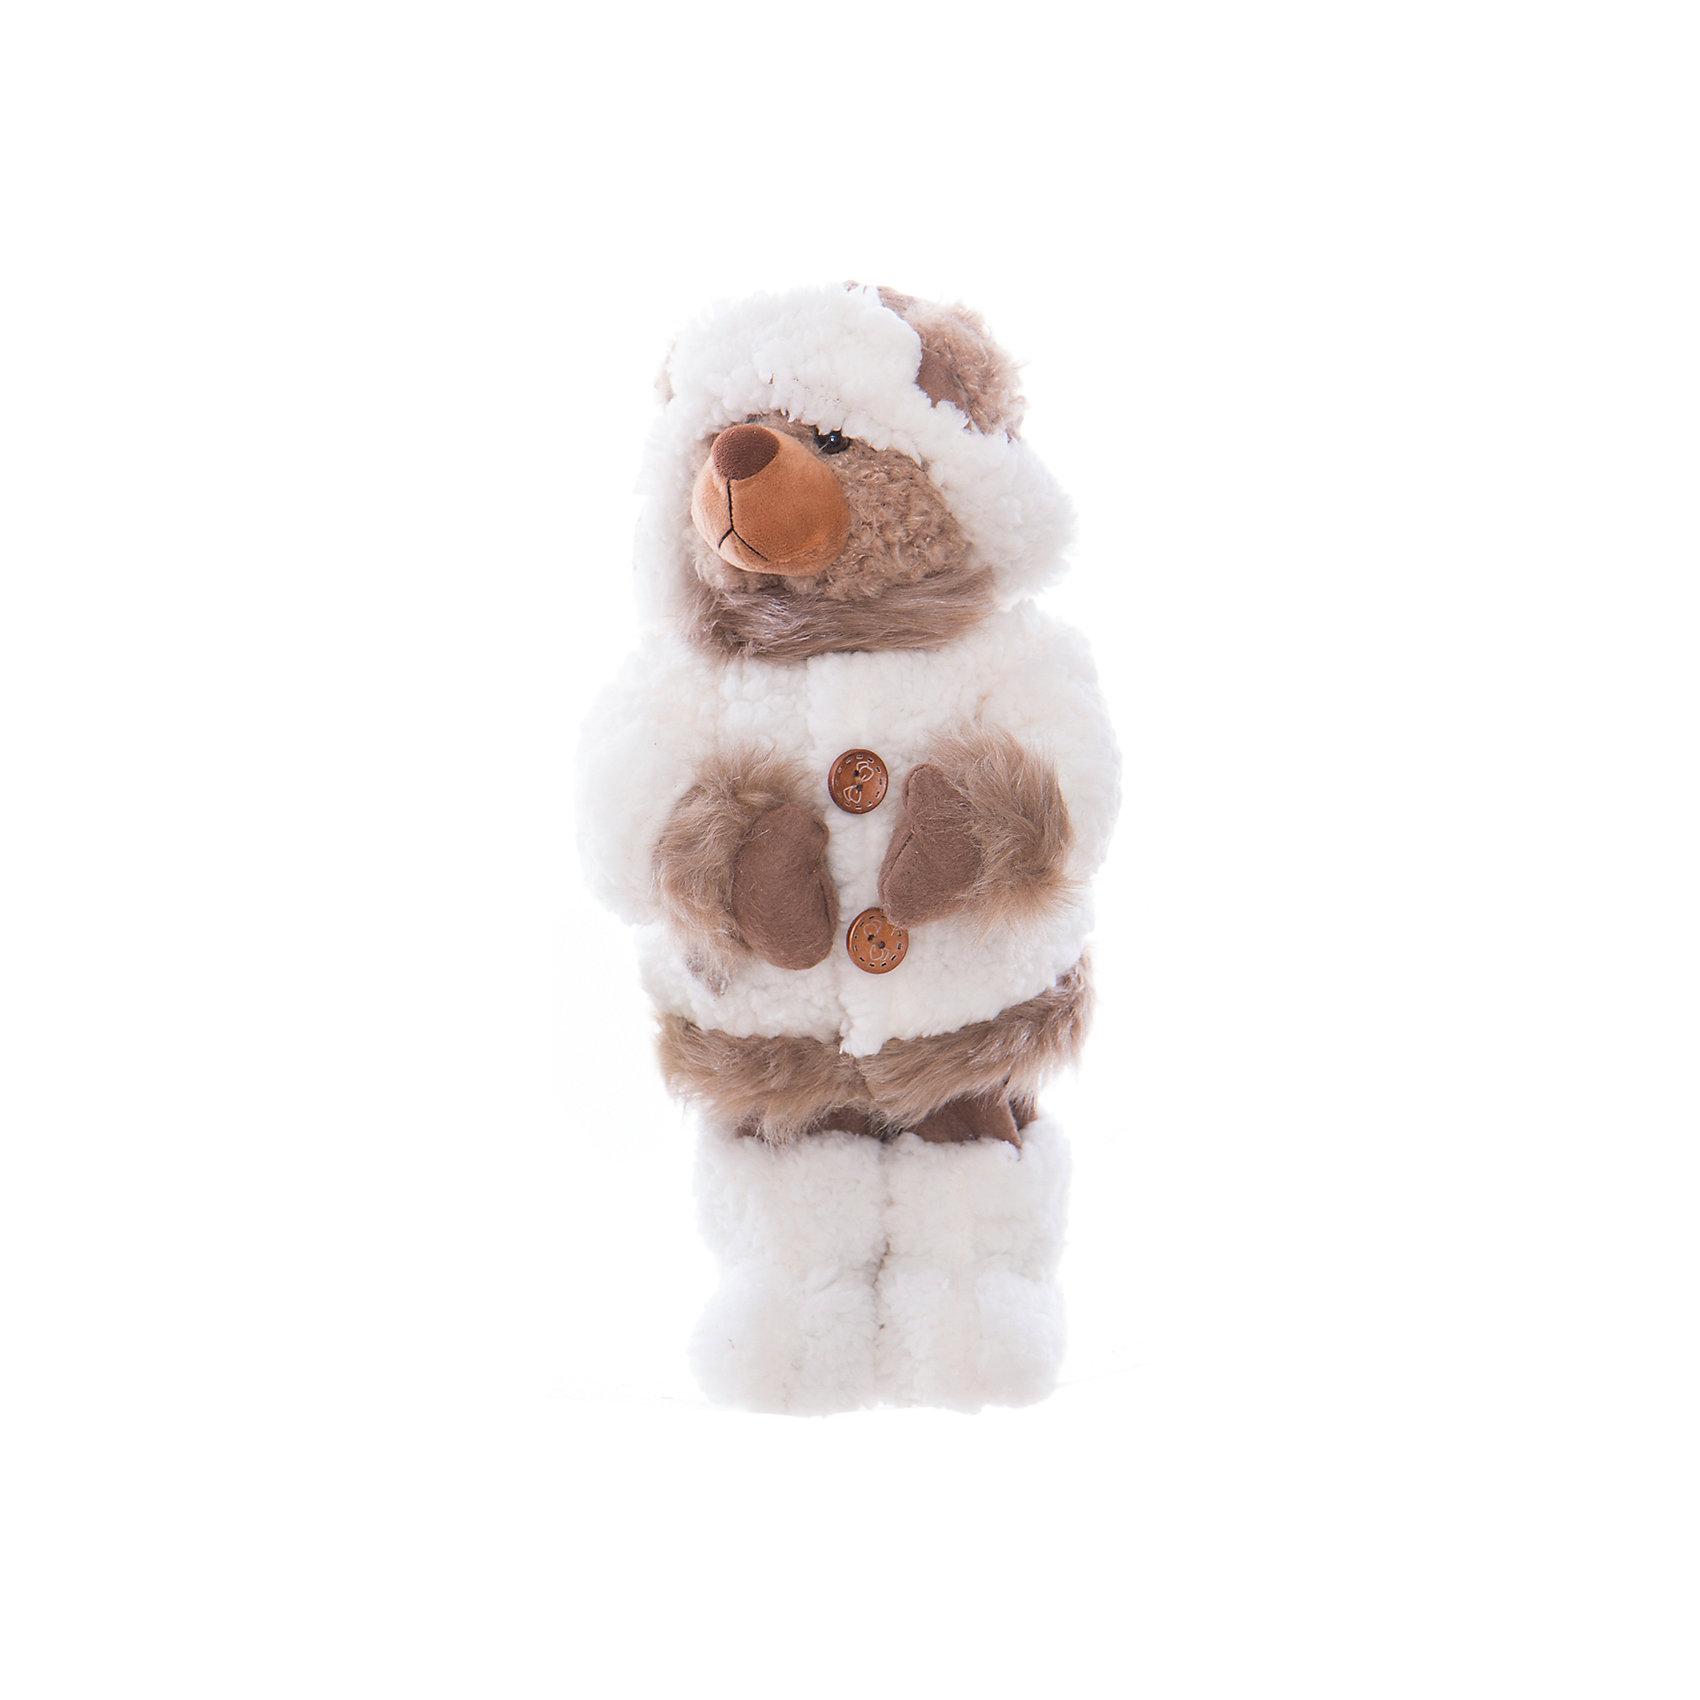 Интерьерная кукла Мишка C21-161162, EstroПредметы интерьера<br>Характеристики интерьерной куклы:<br><br>- состав: полиэстер, пластик, текстиль<br>- габариты предмета: 40* 15 *15 см <br>- комплектация: игрушка<br>- тип игрушки: животные<br>- вид упаковки: коробка<br>- возрастные ограничения: 3+<br>- бренд: Estro <br>- страна бренда: Италия<br>- страна производитель: Китай<br><br>Интерьерная кукла медвежонок торговой марки Estro непременно станет украшением Вашего дома. Послужит отличным подарком для Вас и Ваших близких к Новому году или к любому другому знаменательному событию. Кукла создана вручную, неповторима и оригинальна. Порадуйте своих друзей и близких этим замечательным подарком! <br><br>Интерьерную куклу медвежонок итальянской торговой марки Estro можно купить в нашем интернет-магазине.<br><br>Ширина мм: 150<br>Глубина мм: 150<br>Высота мм: 400<br>Вес г: 377<br>Возраст от месяцев: 36<br>Возраст до месяцев: 1188<br>Пол: Женский<br>Возраст: Детский<br>SKU: 5356635